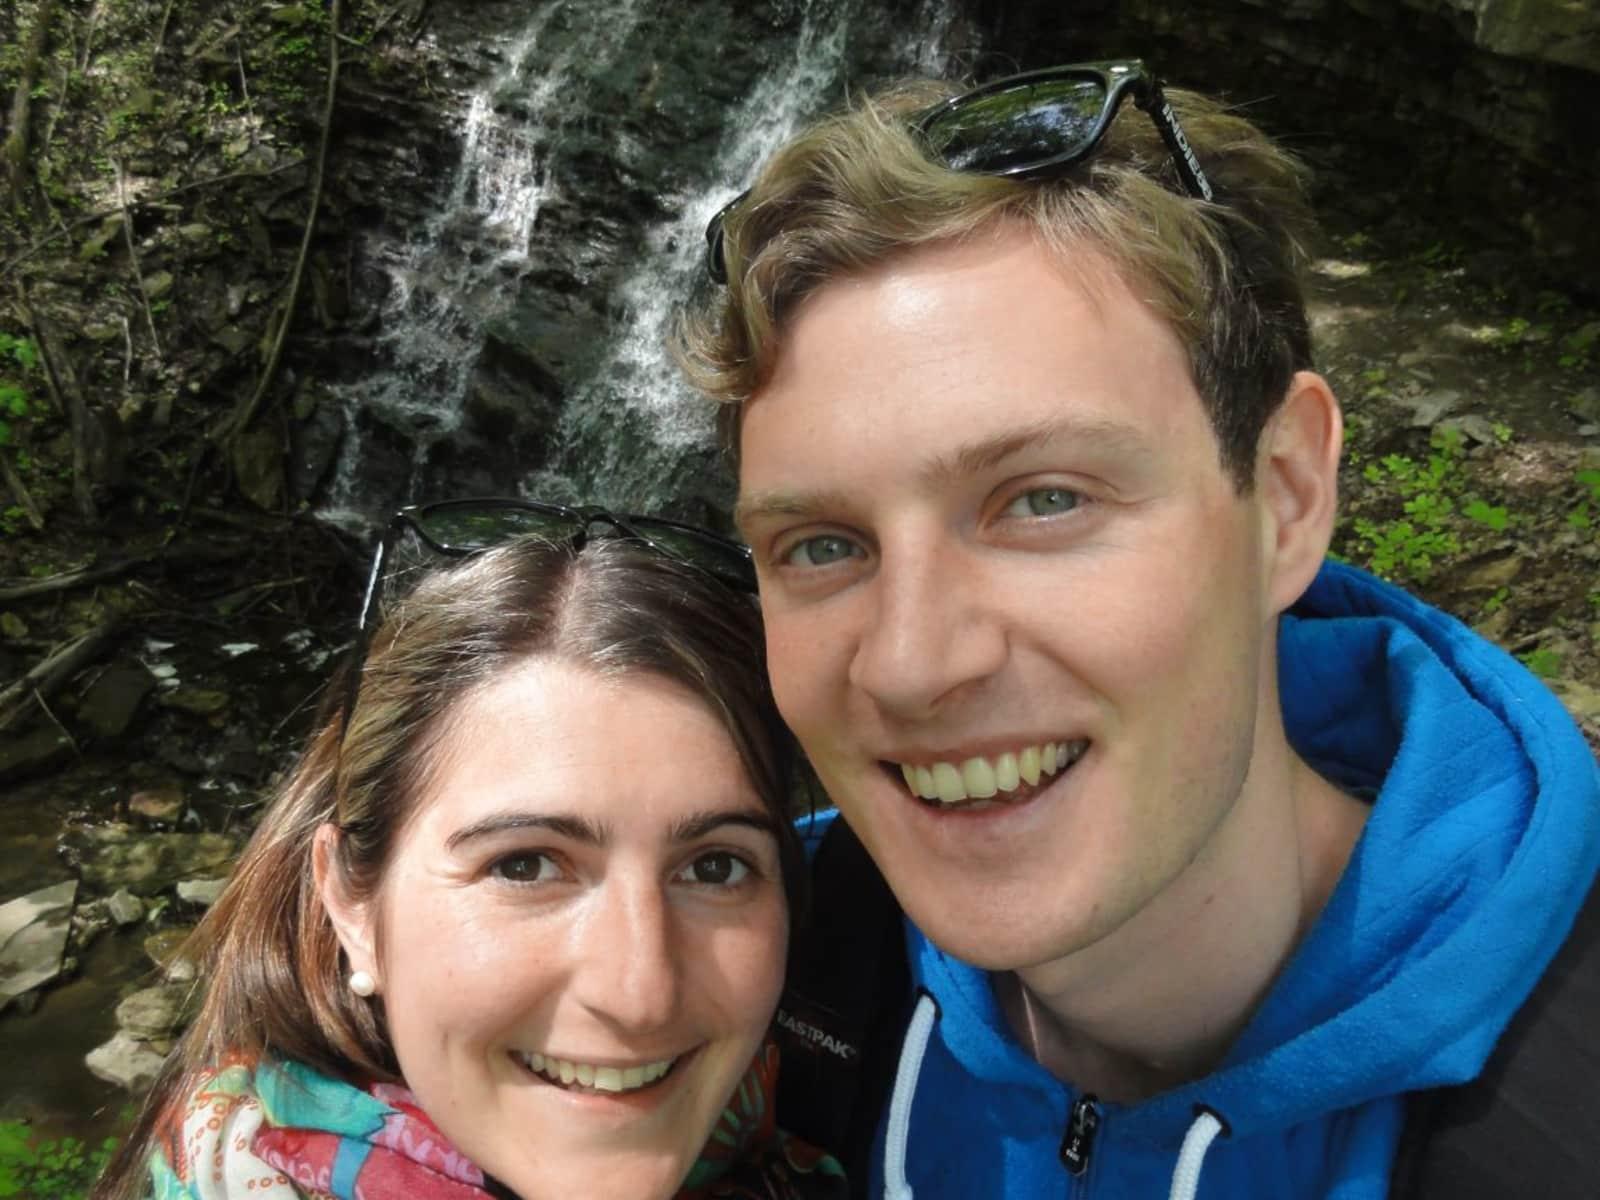 Melanie & Fabian from Aalen, Germany